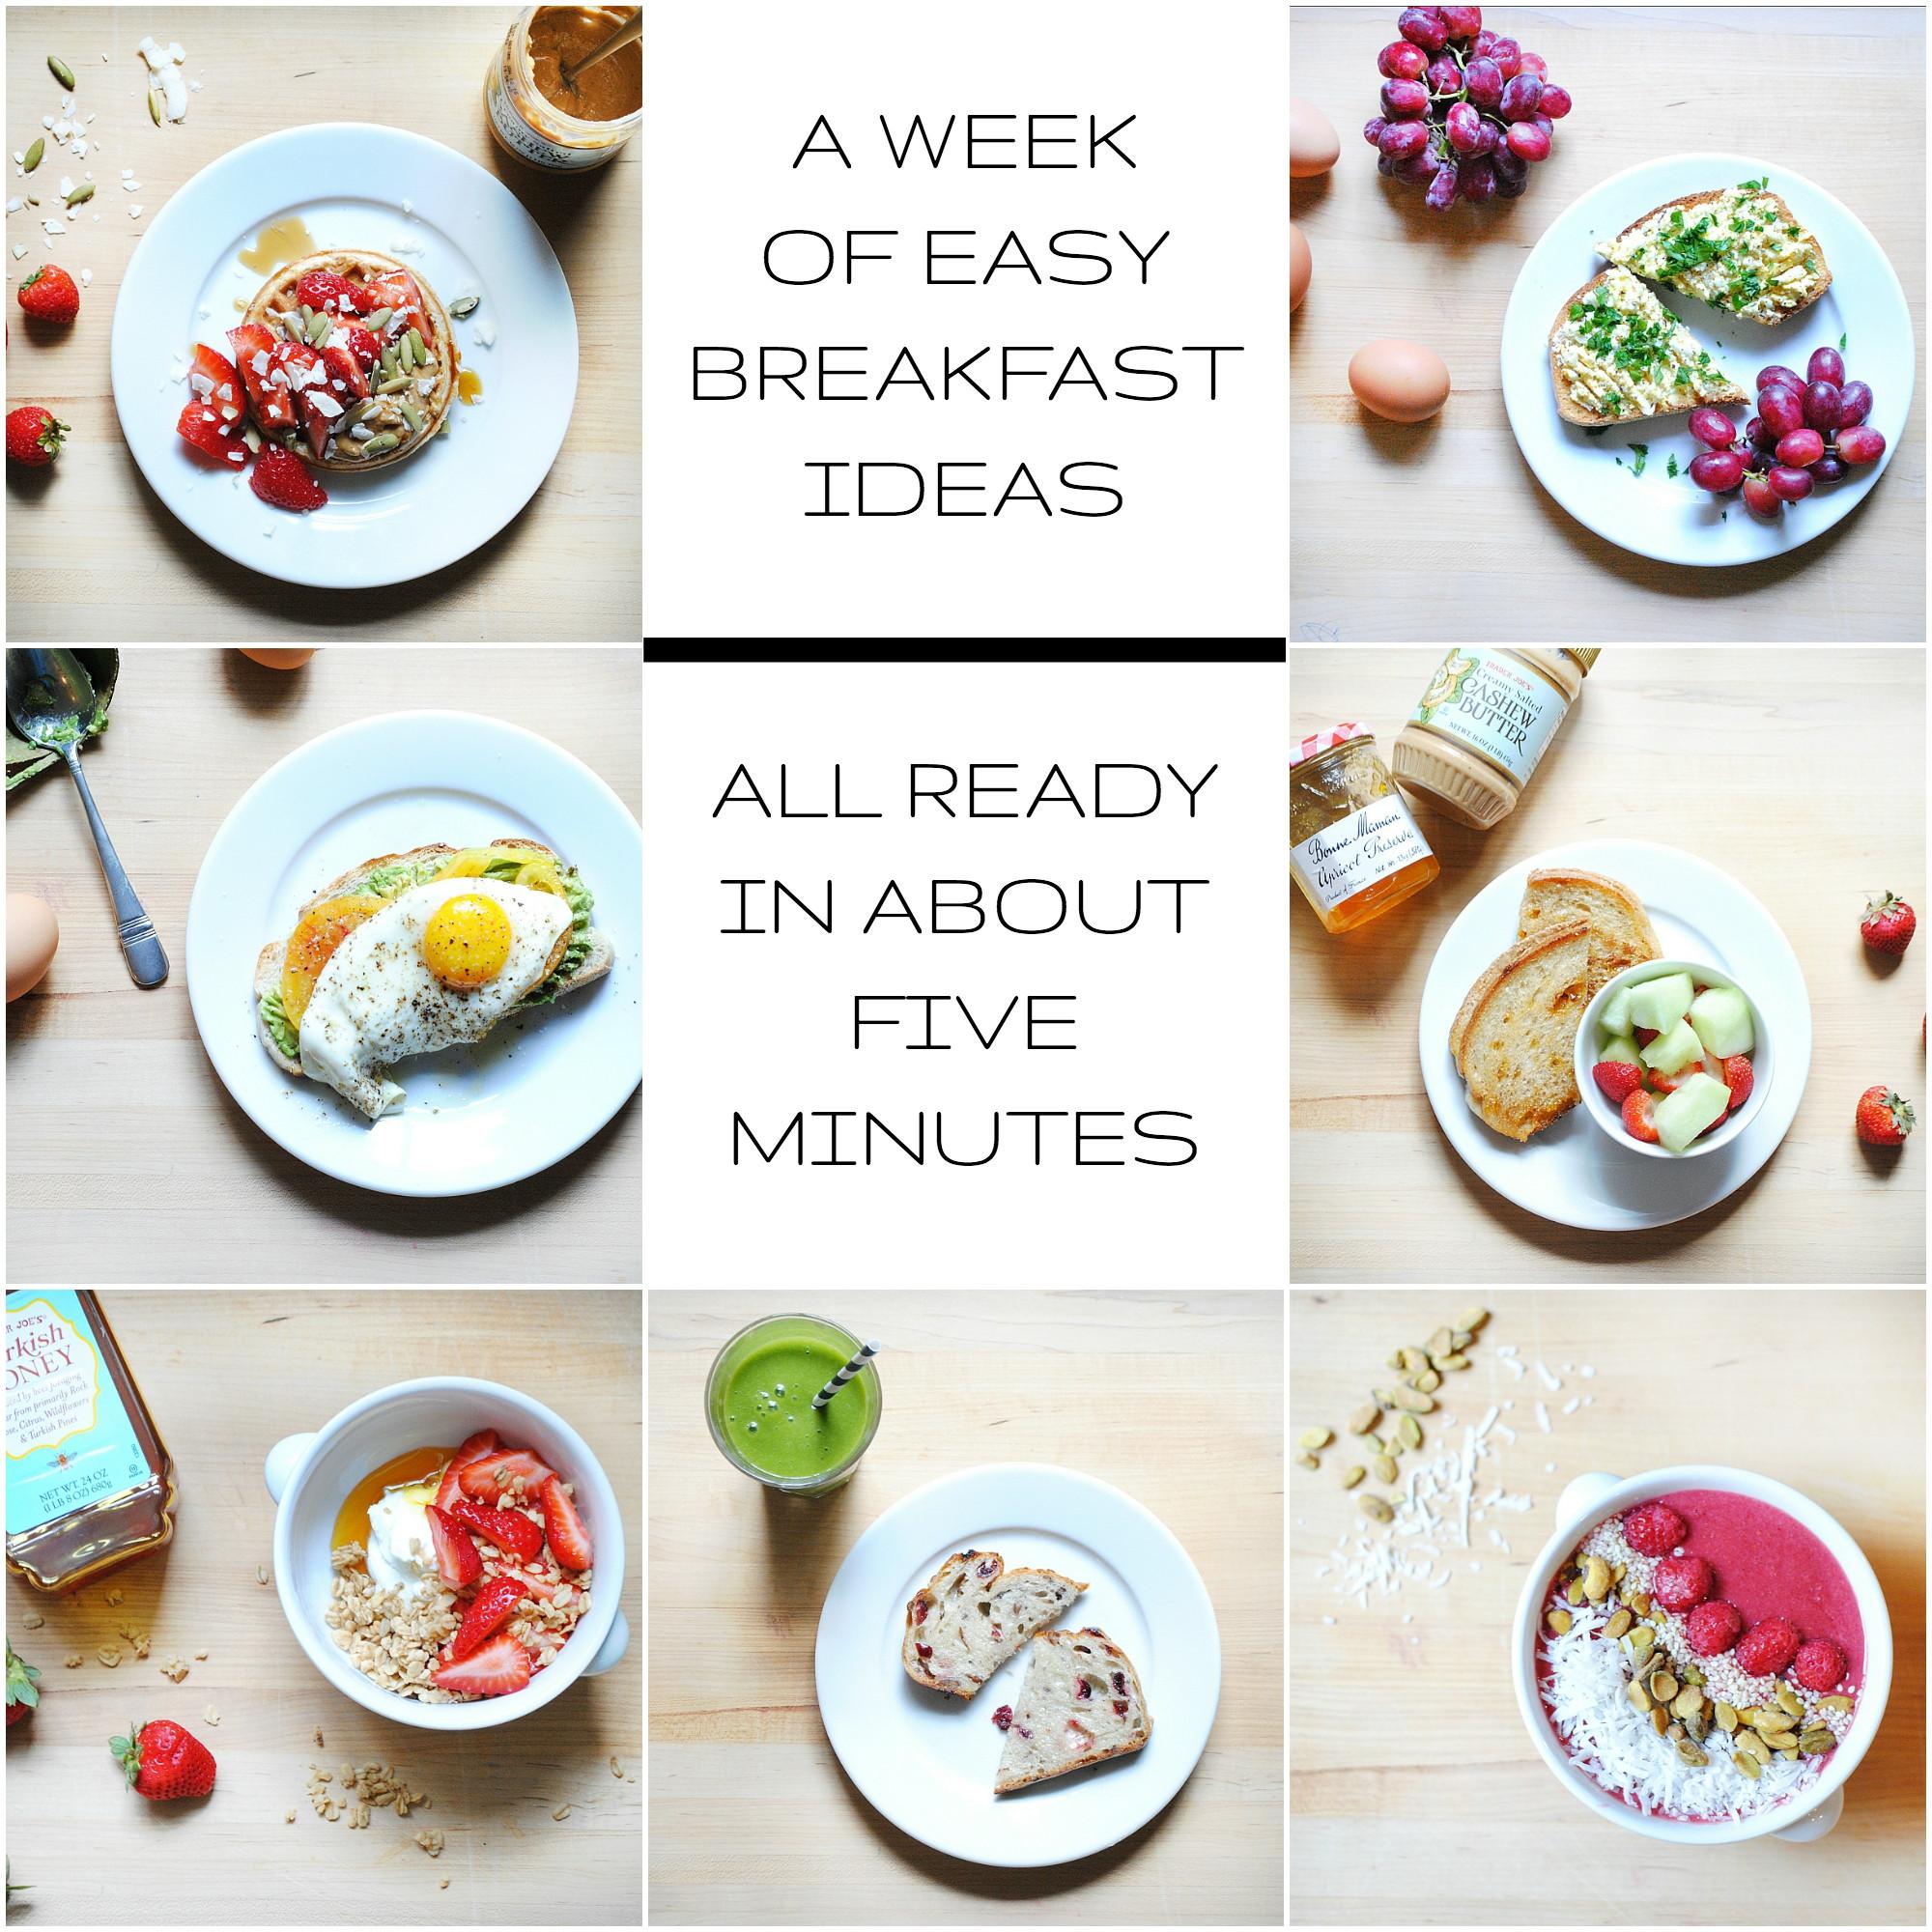 Healthy Quick Breakfast A Week of Healthy Easy Breakfast Ideas All Ready in